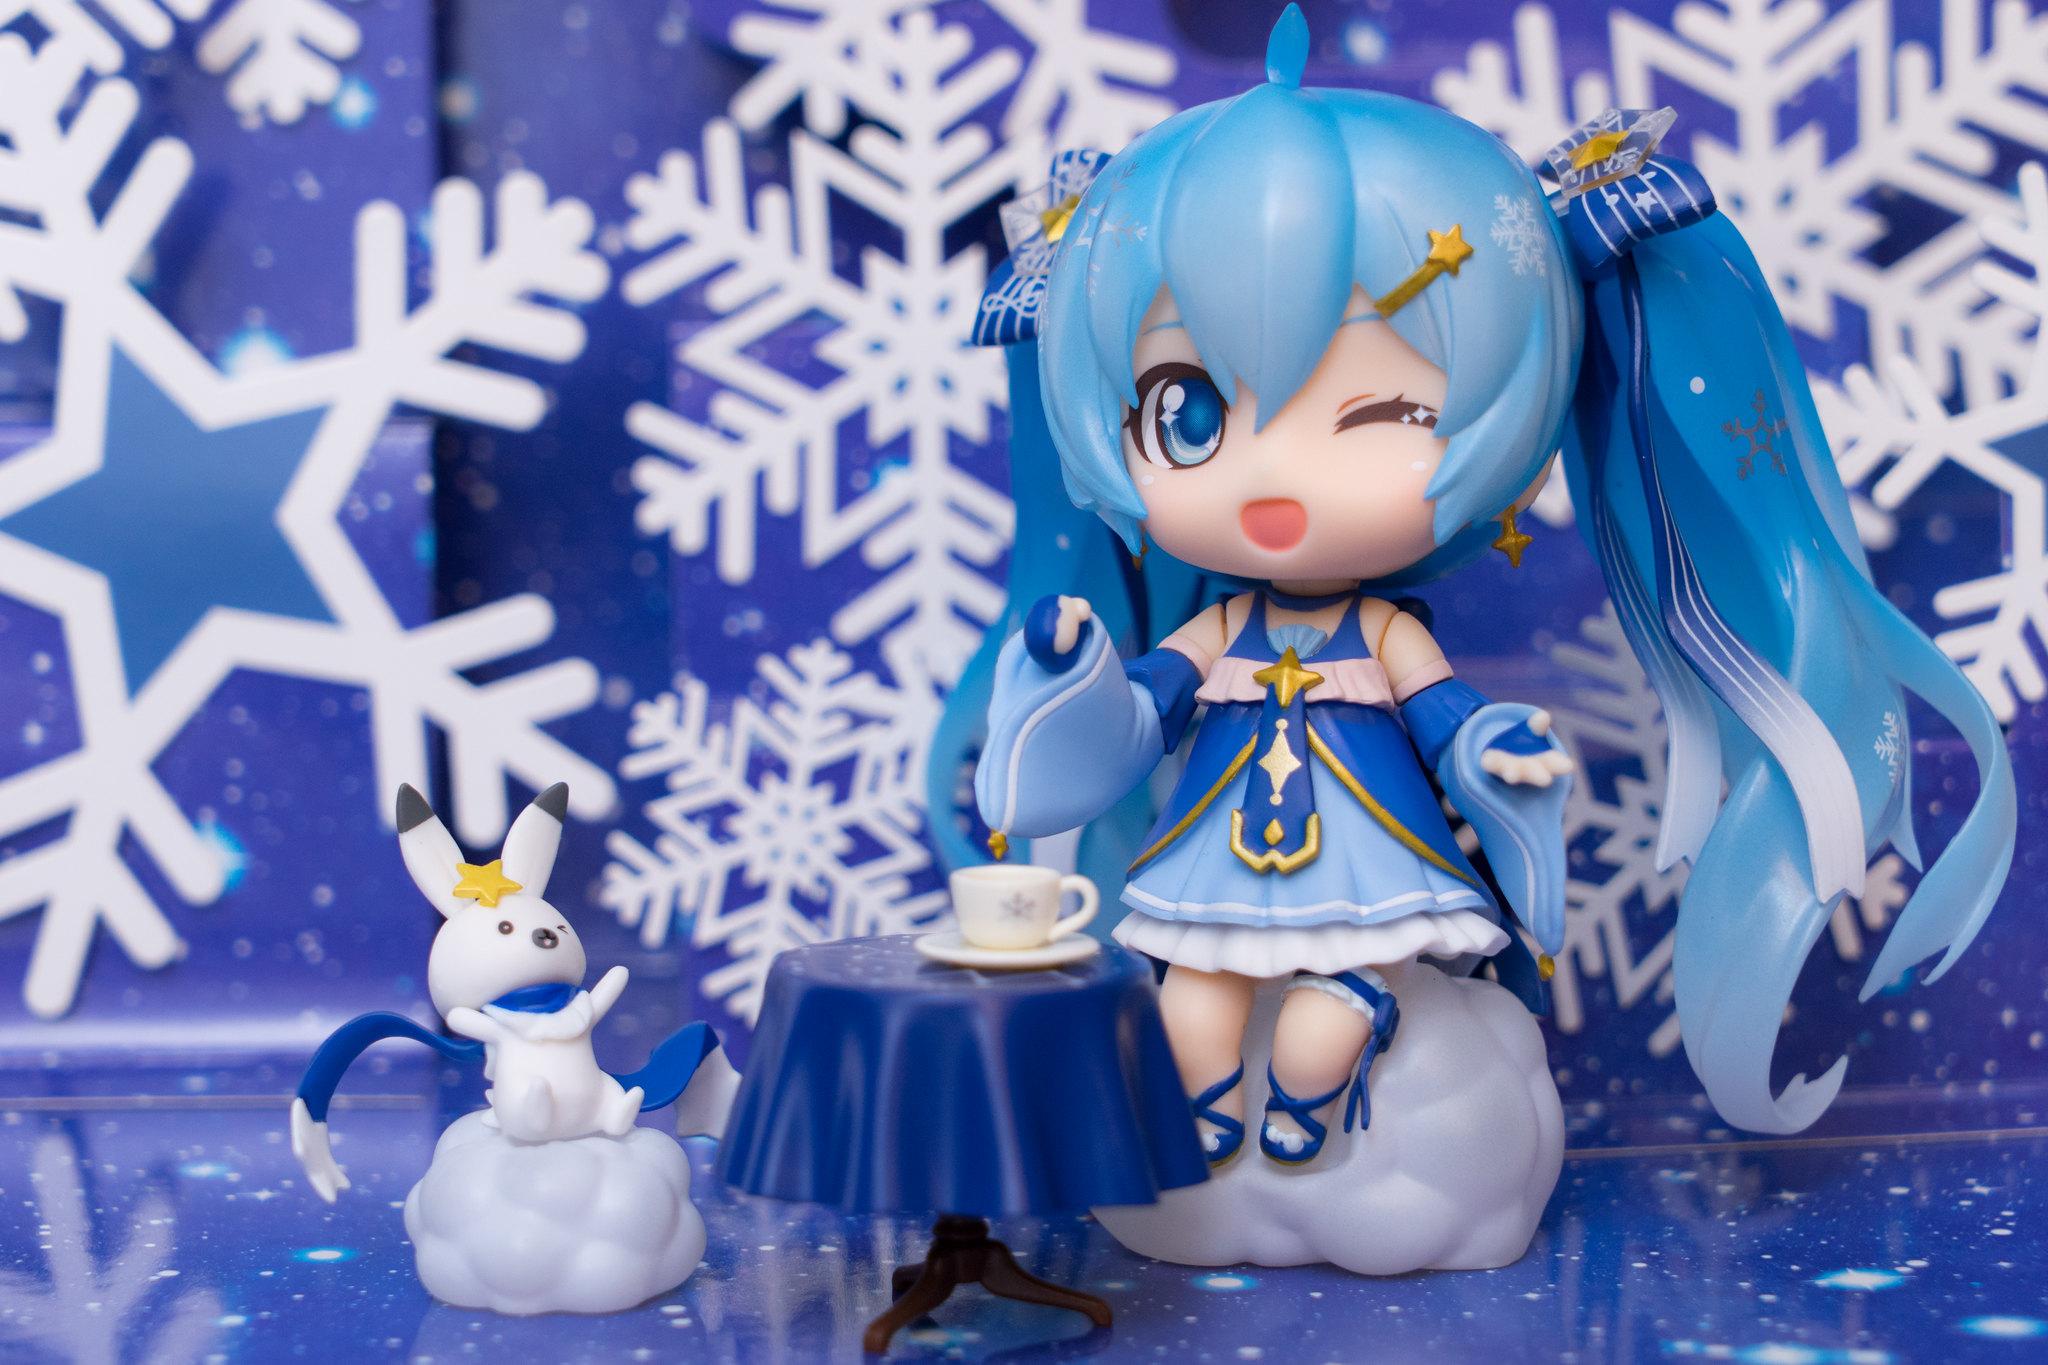 ねんどろいど 雪ミク Twinkle Snow Ver.